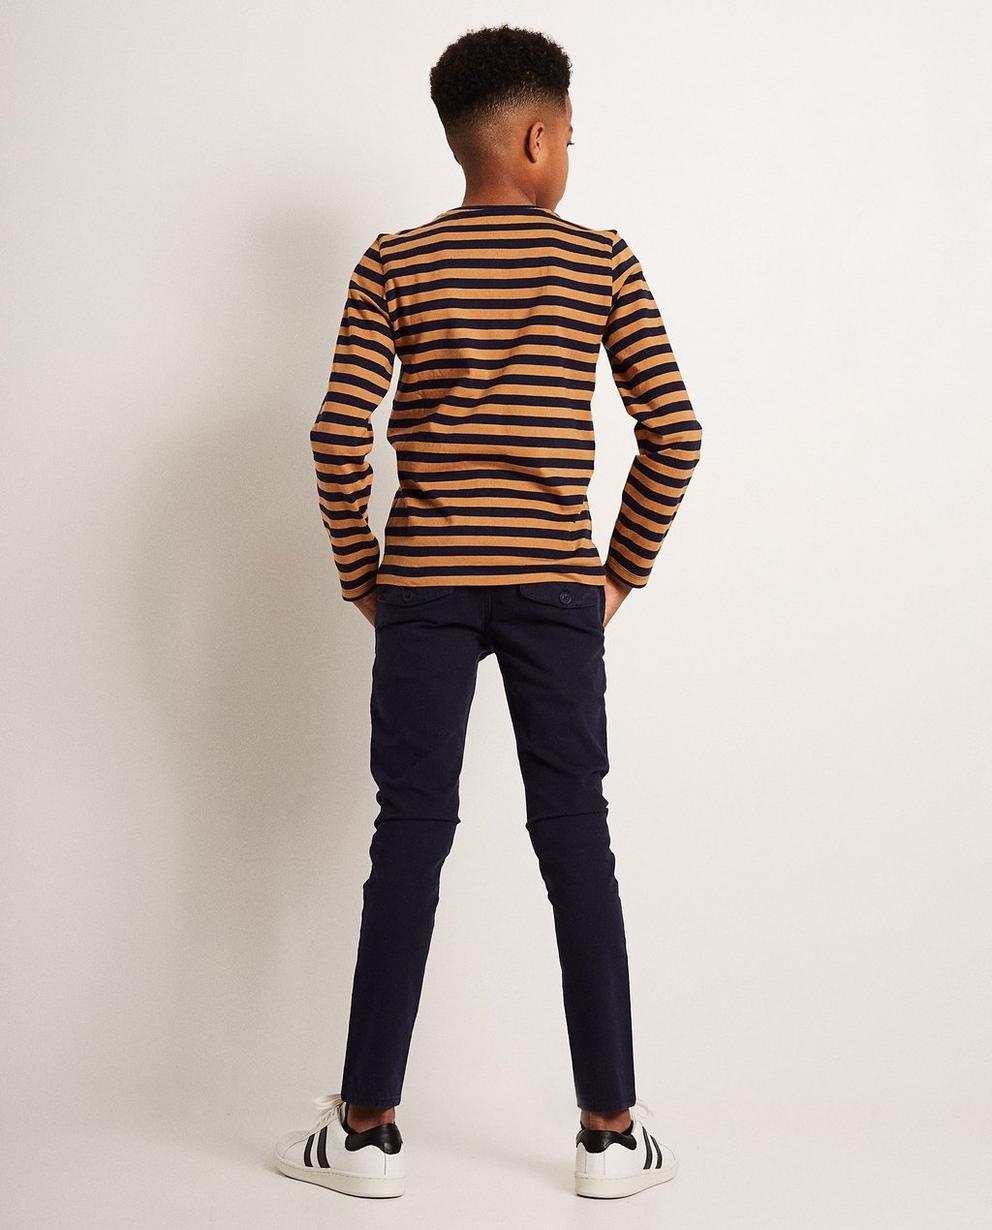 T-Shirts - Braun - Gestreiftes Longsleeve